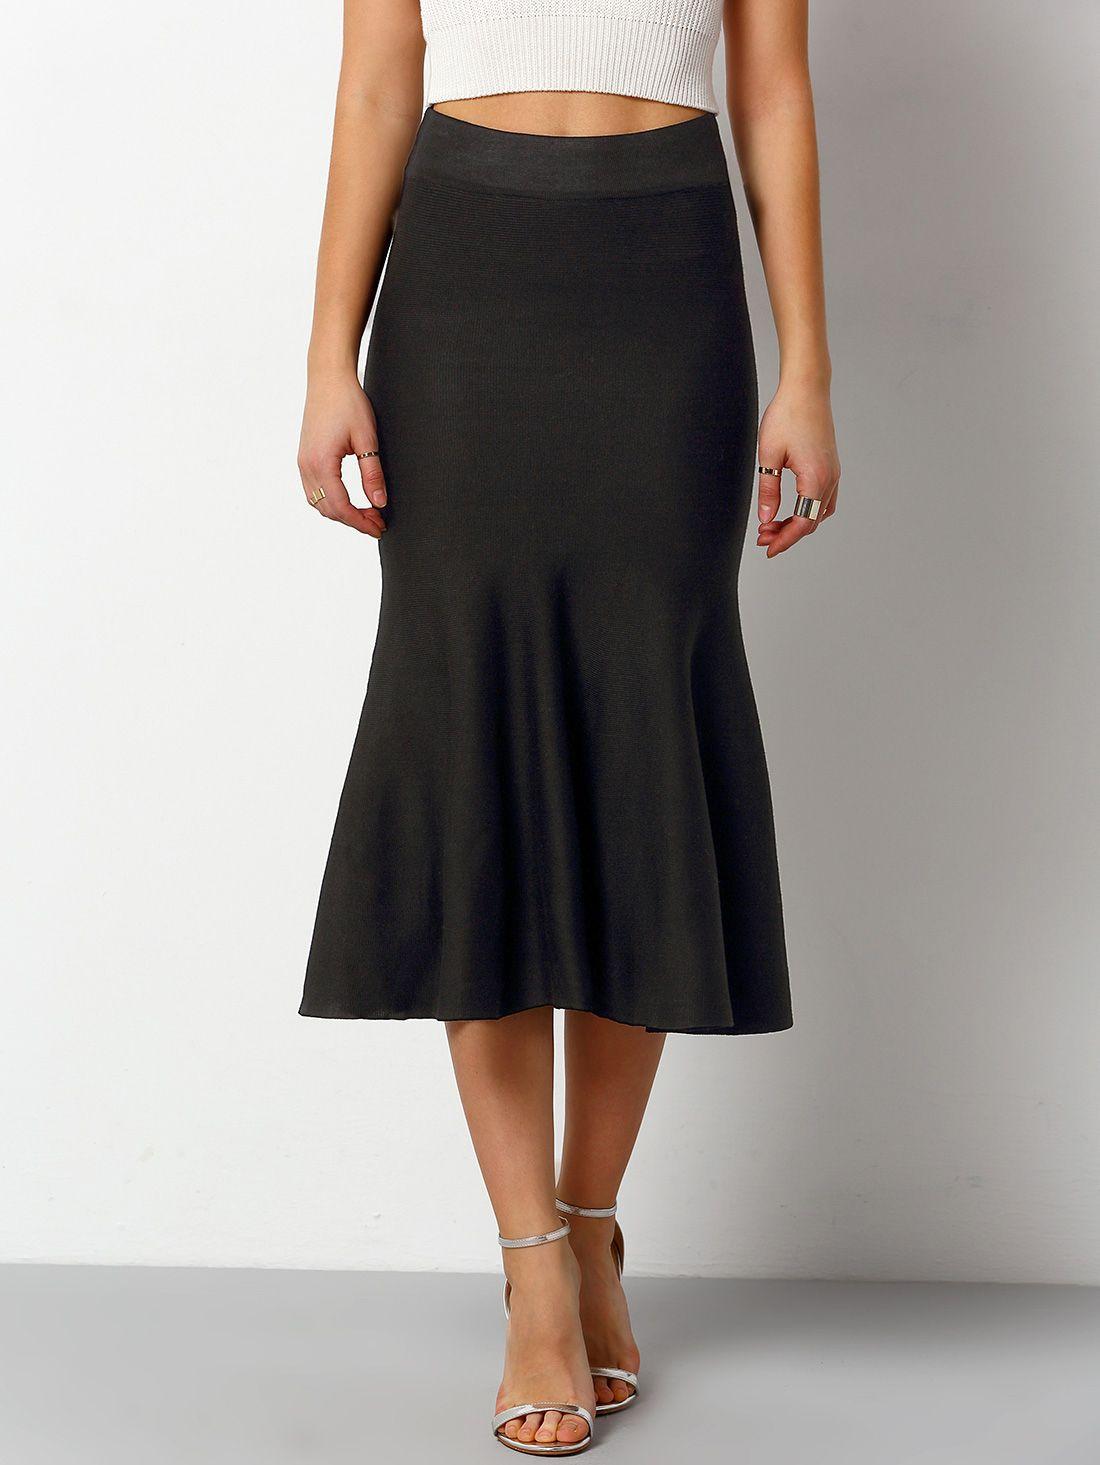 Black+Slim+Fishtail+Skirt+16.48 Fishtail skirt, Skirts